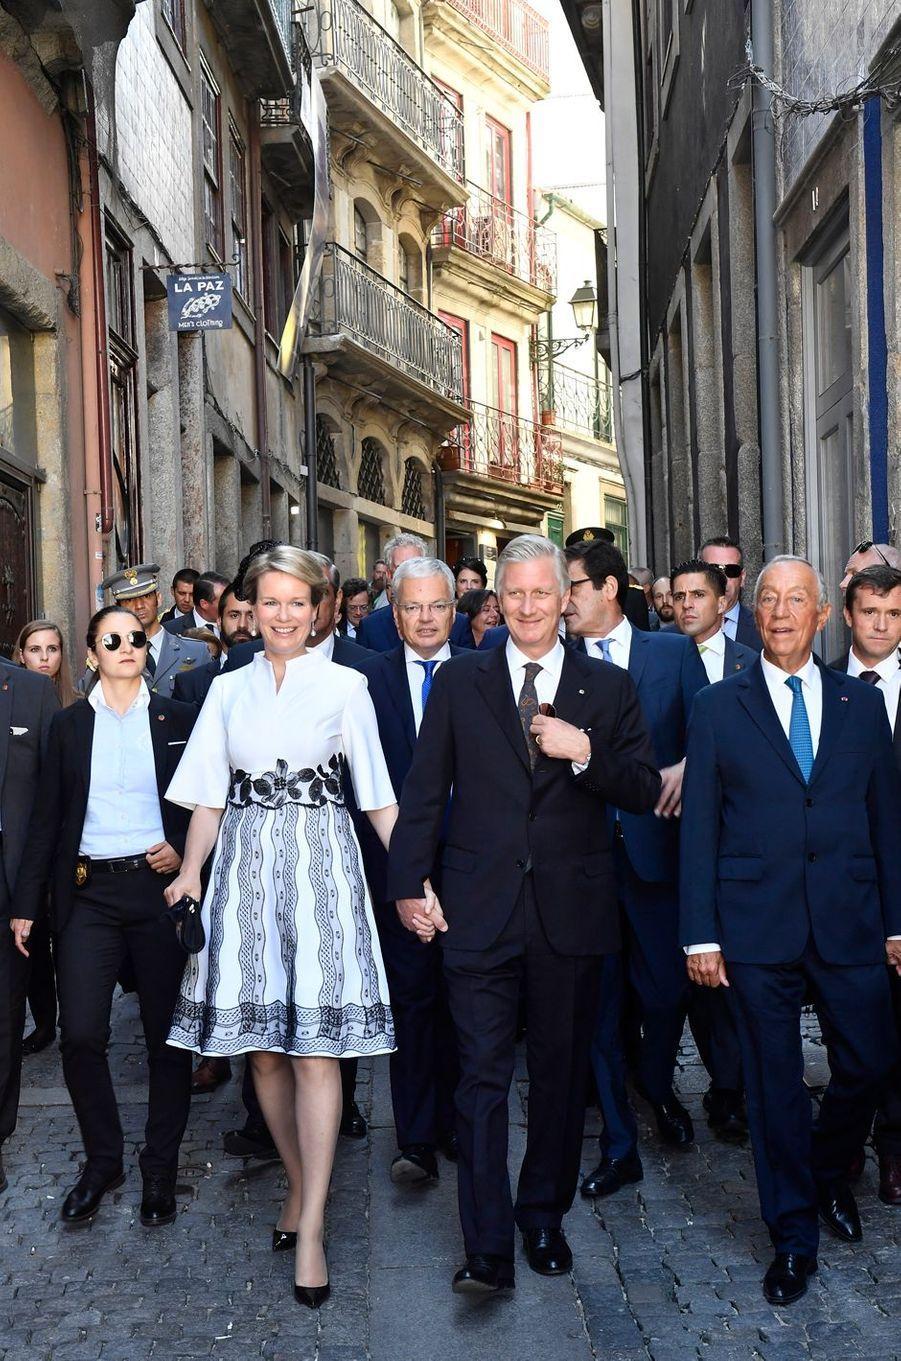 La reine Mathilde et le roi des Belges Philippe avec le président portugais à Porto, le 24 octobre 2018